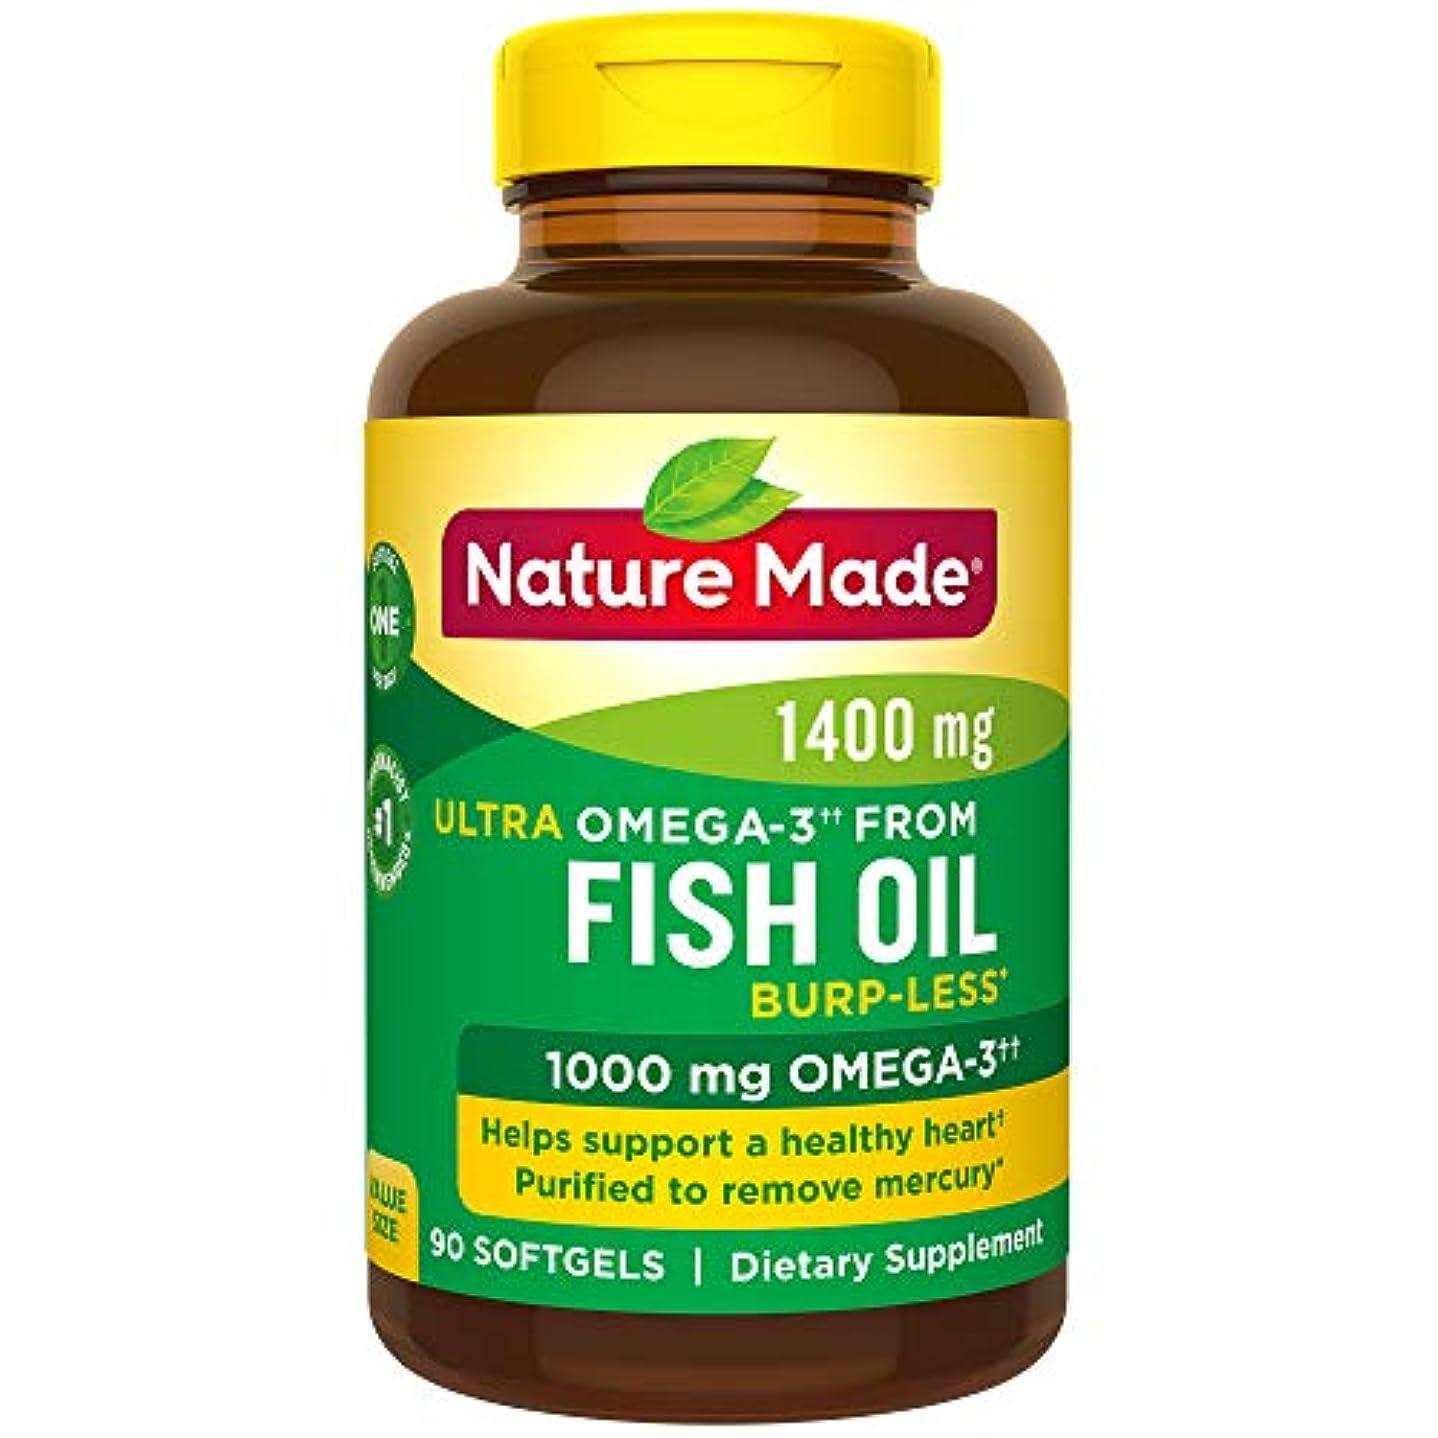 ヨーロッパ多分トラフィックNature Made Ultra Omega-3 Fish Oil Value Size Softgel, 1400 mg, 90 Count 海外直送品